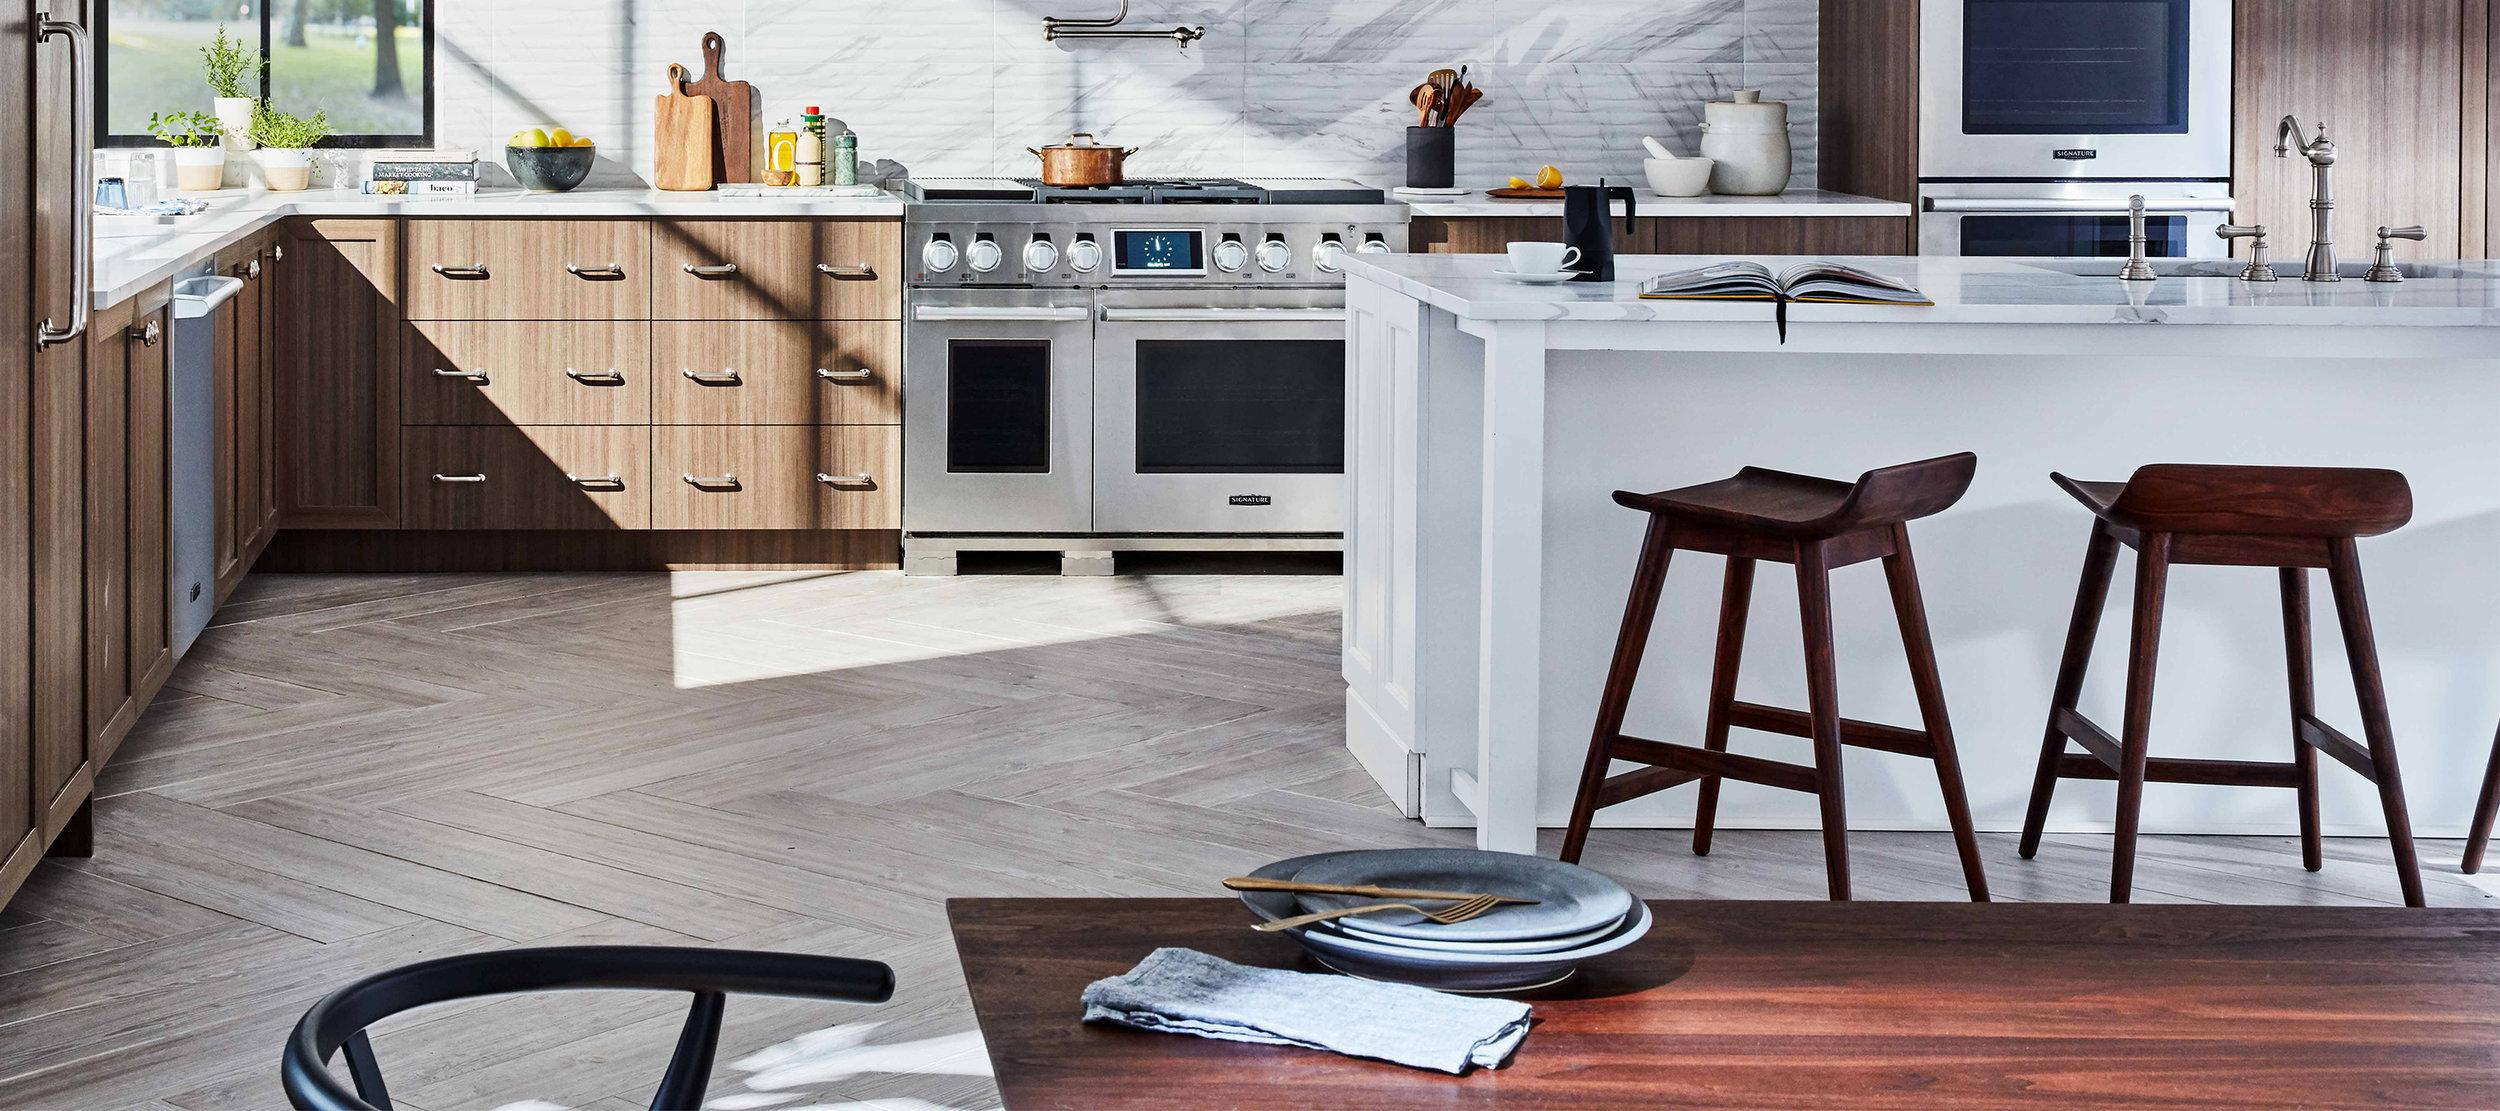 signature high end kitchen appliance Kitchen_2880_1280_1.jpg